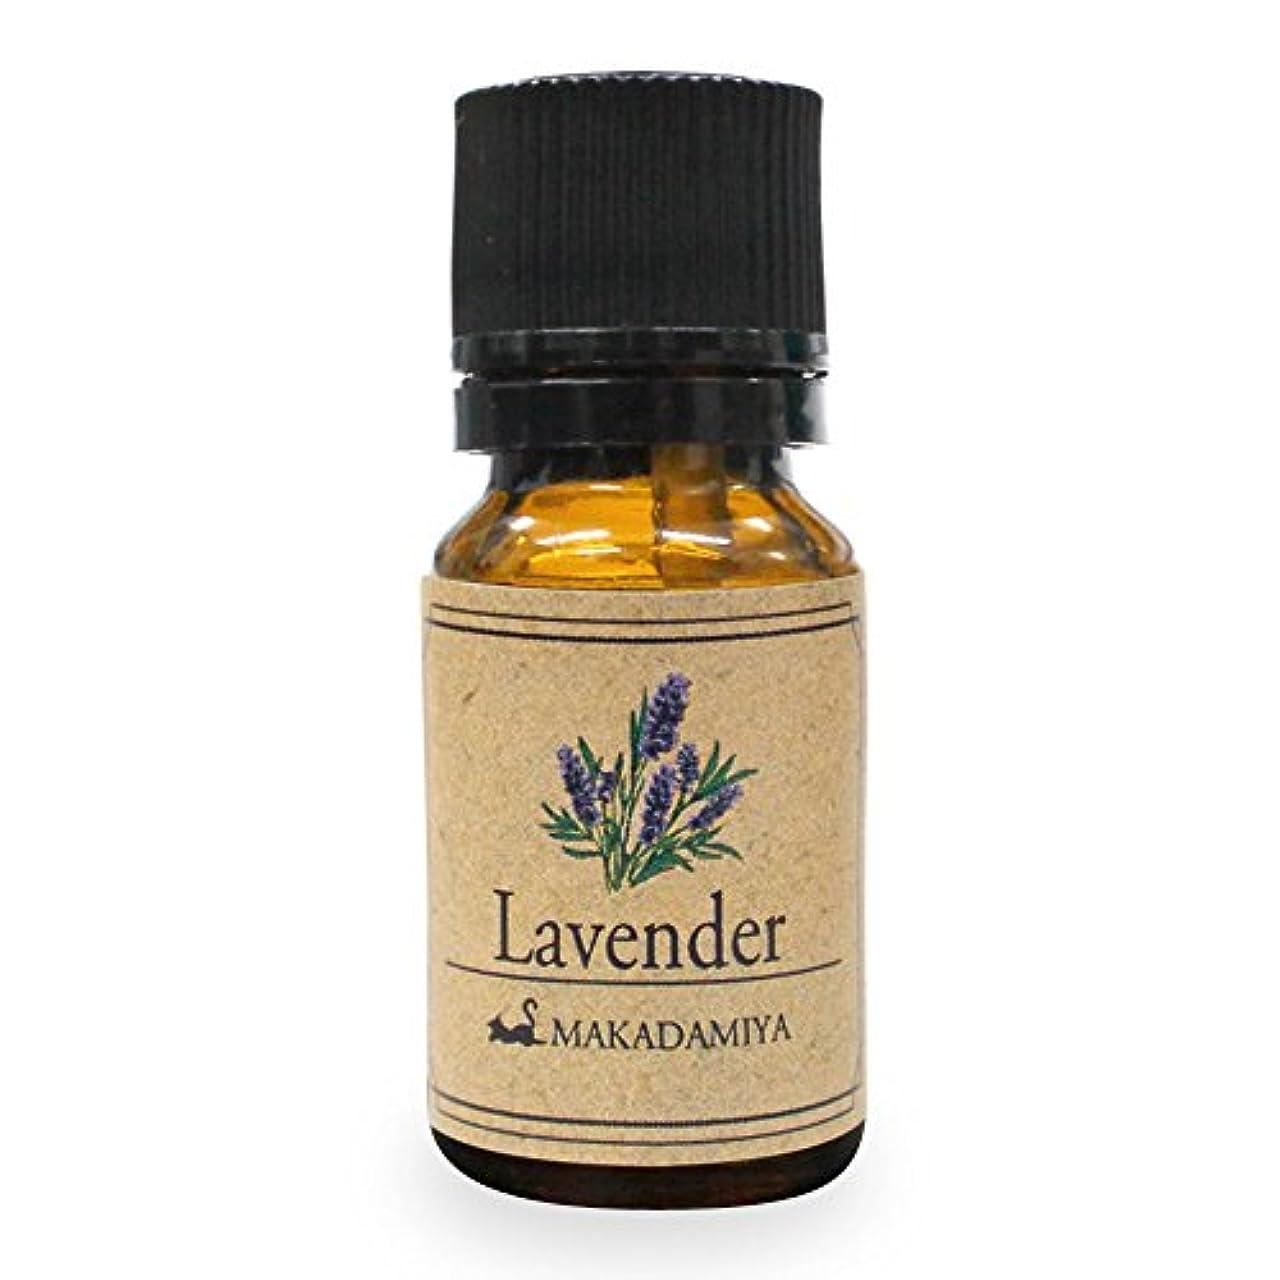 乱闘冷蔵する習字ラベンダー10ml 天然100%植物性 エッセンシャルオイル(精油) アロマオイル アロママッサージ aroma Lavender